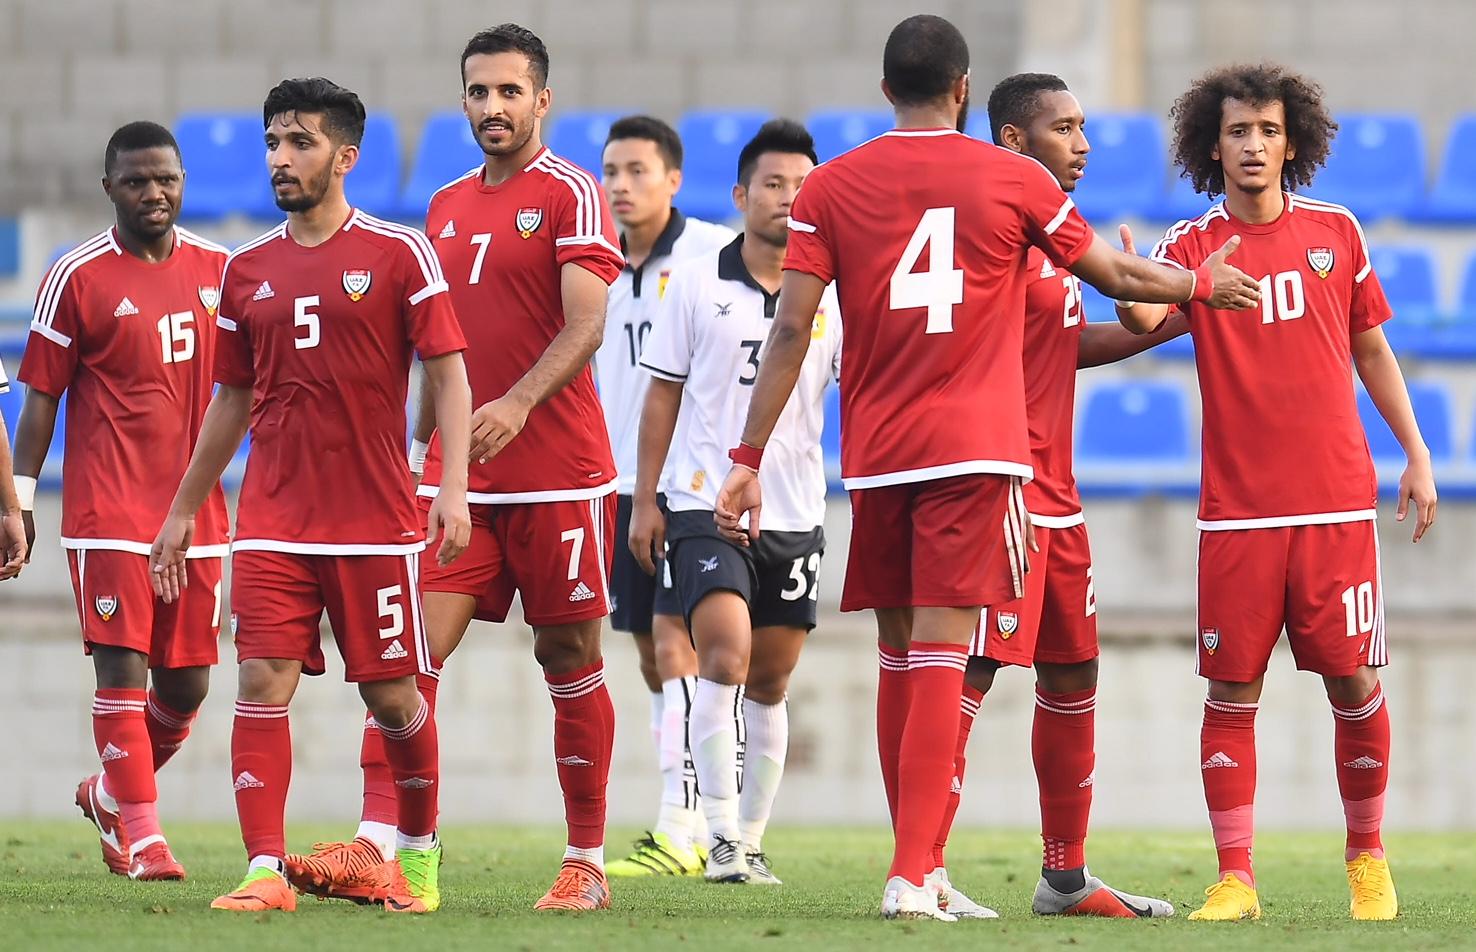 بث مباشر مباراة الامارات اليوم في كأس اسيا 2019 AFC Live